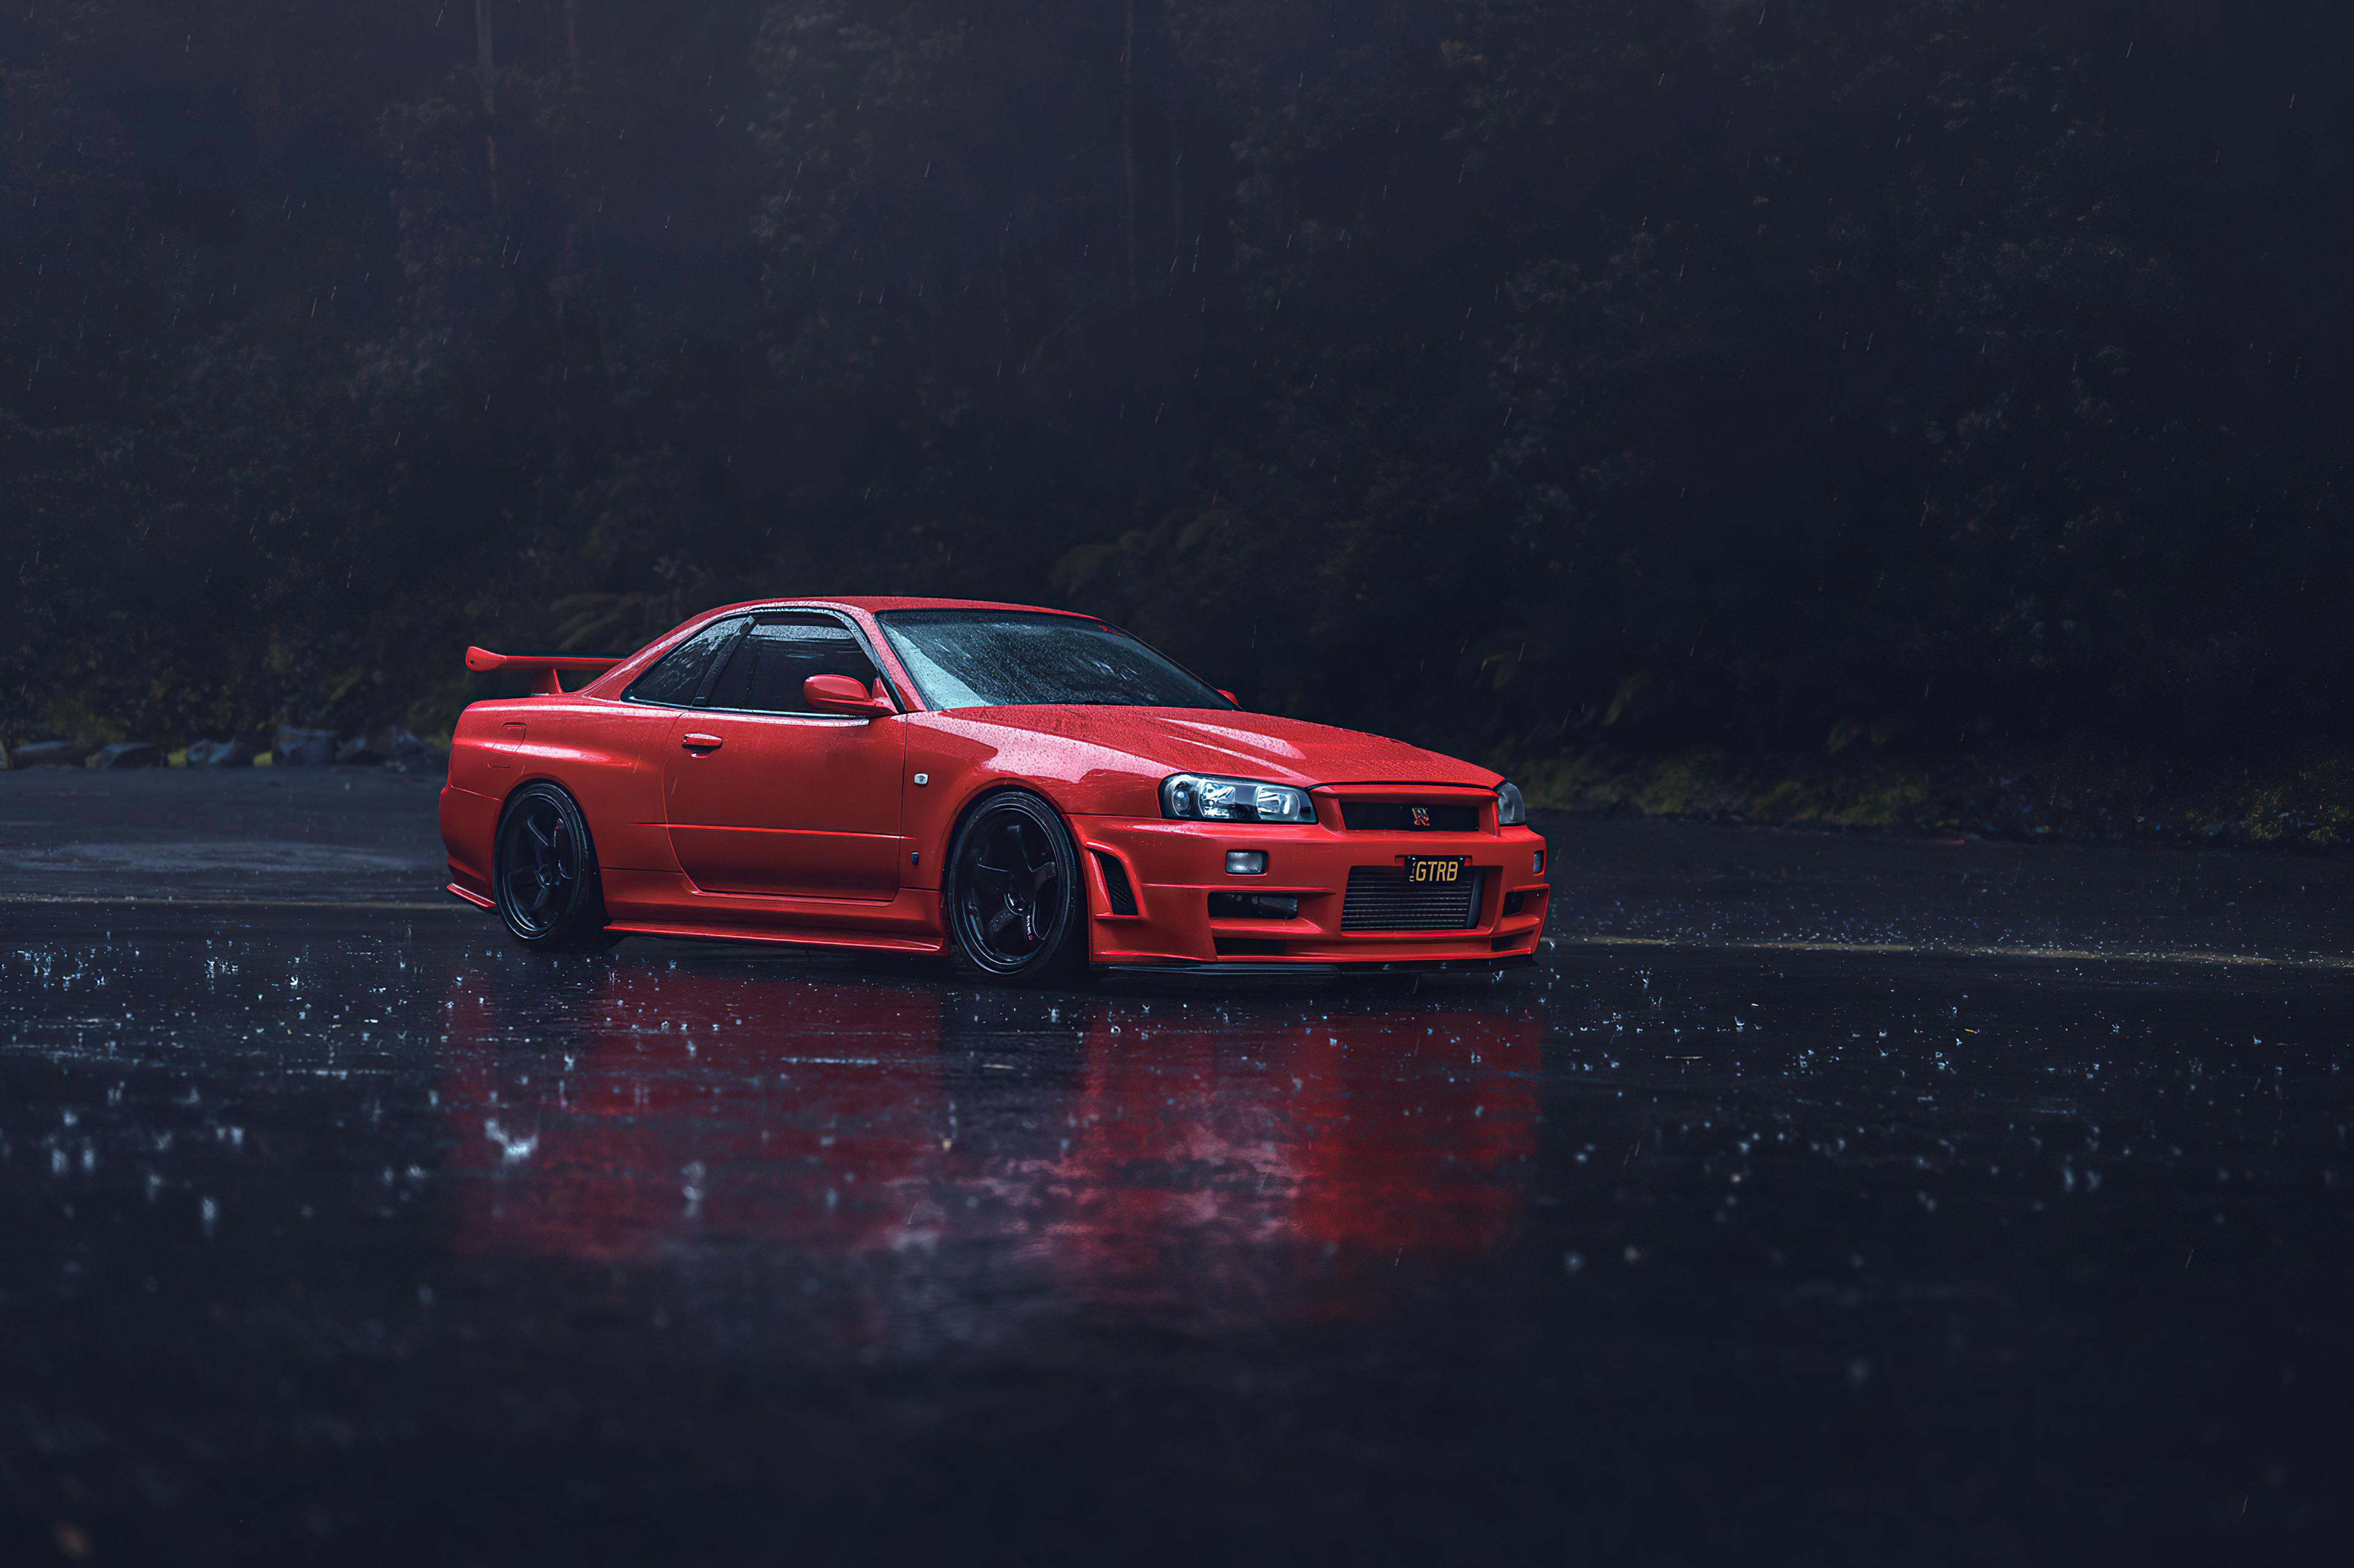 red nissan gtr r34 4k 1602451220 - Red Nissan GTR R34 4k - Red Nissan GTR R34 4k wallpapers